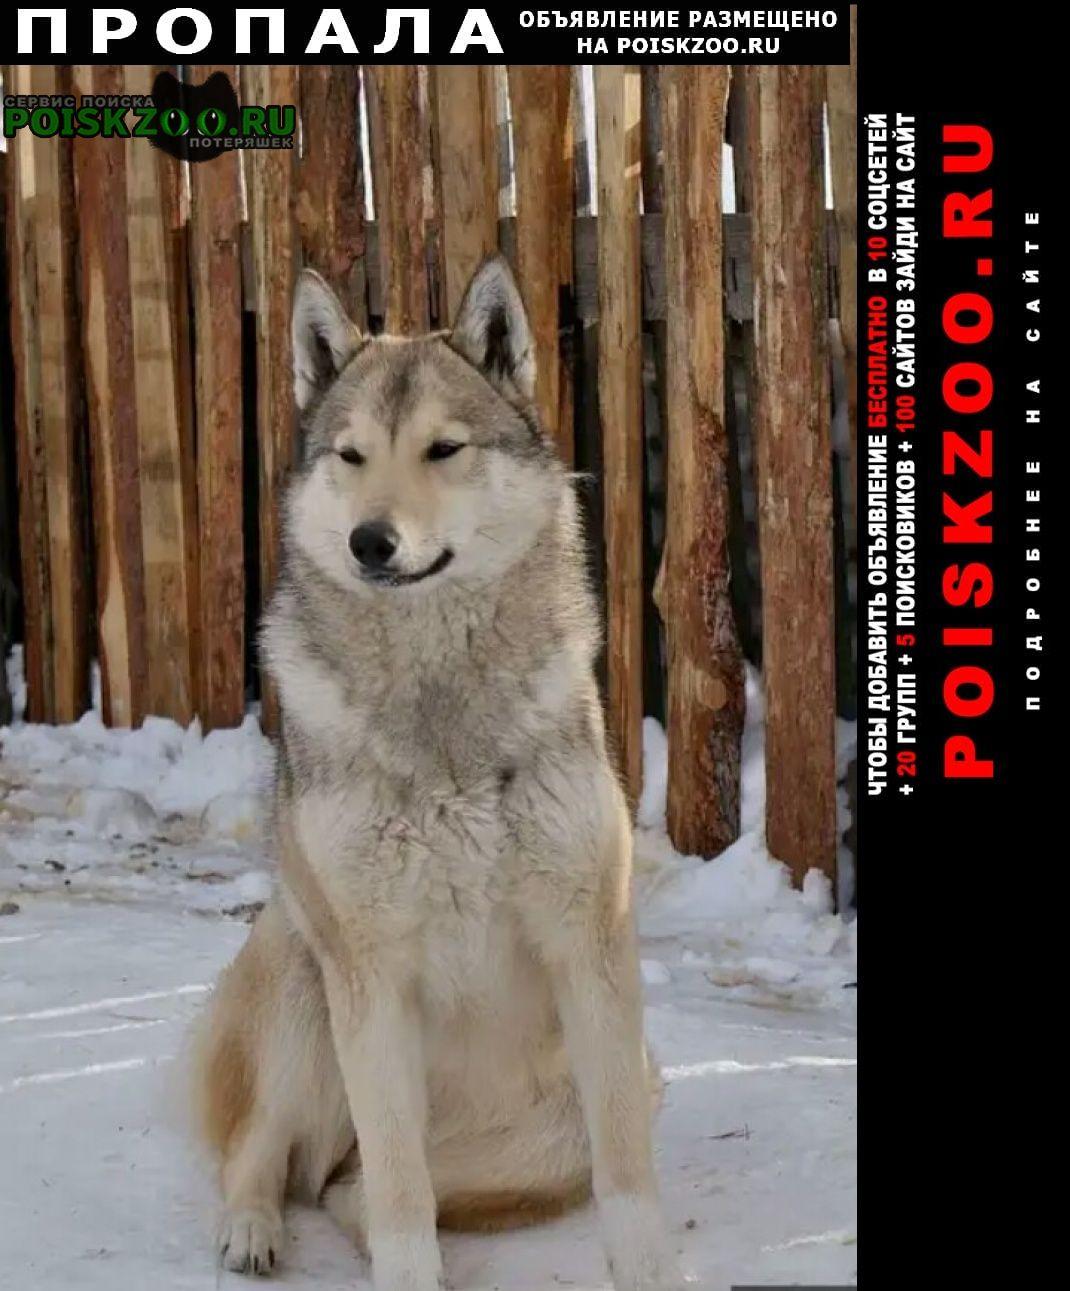 Пропала собака кобель Ульяновск